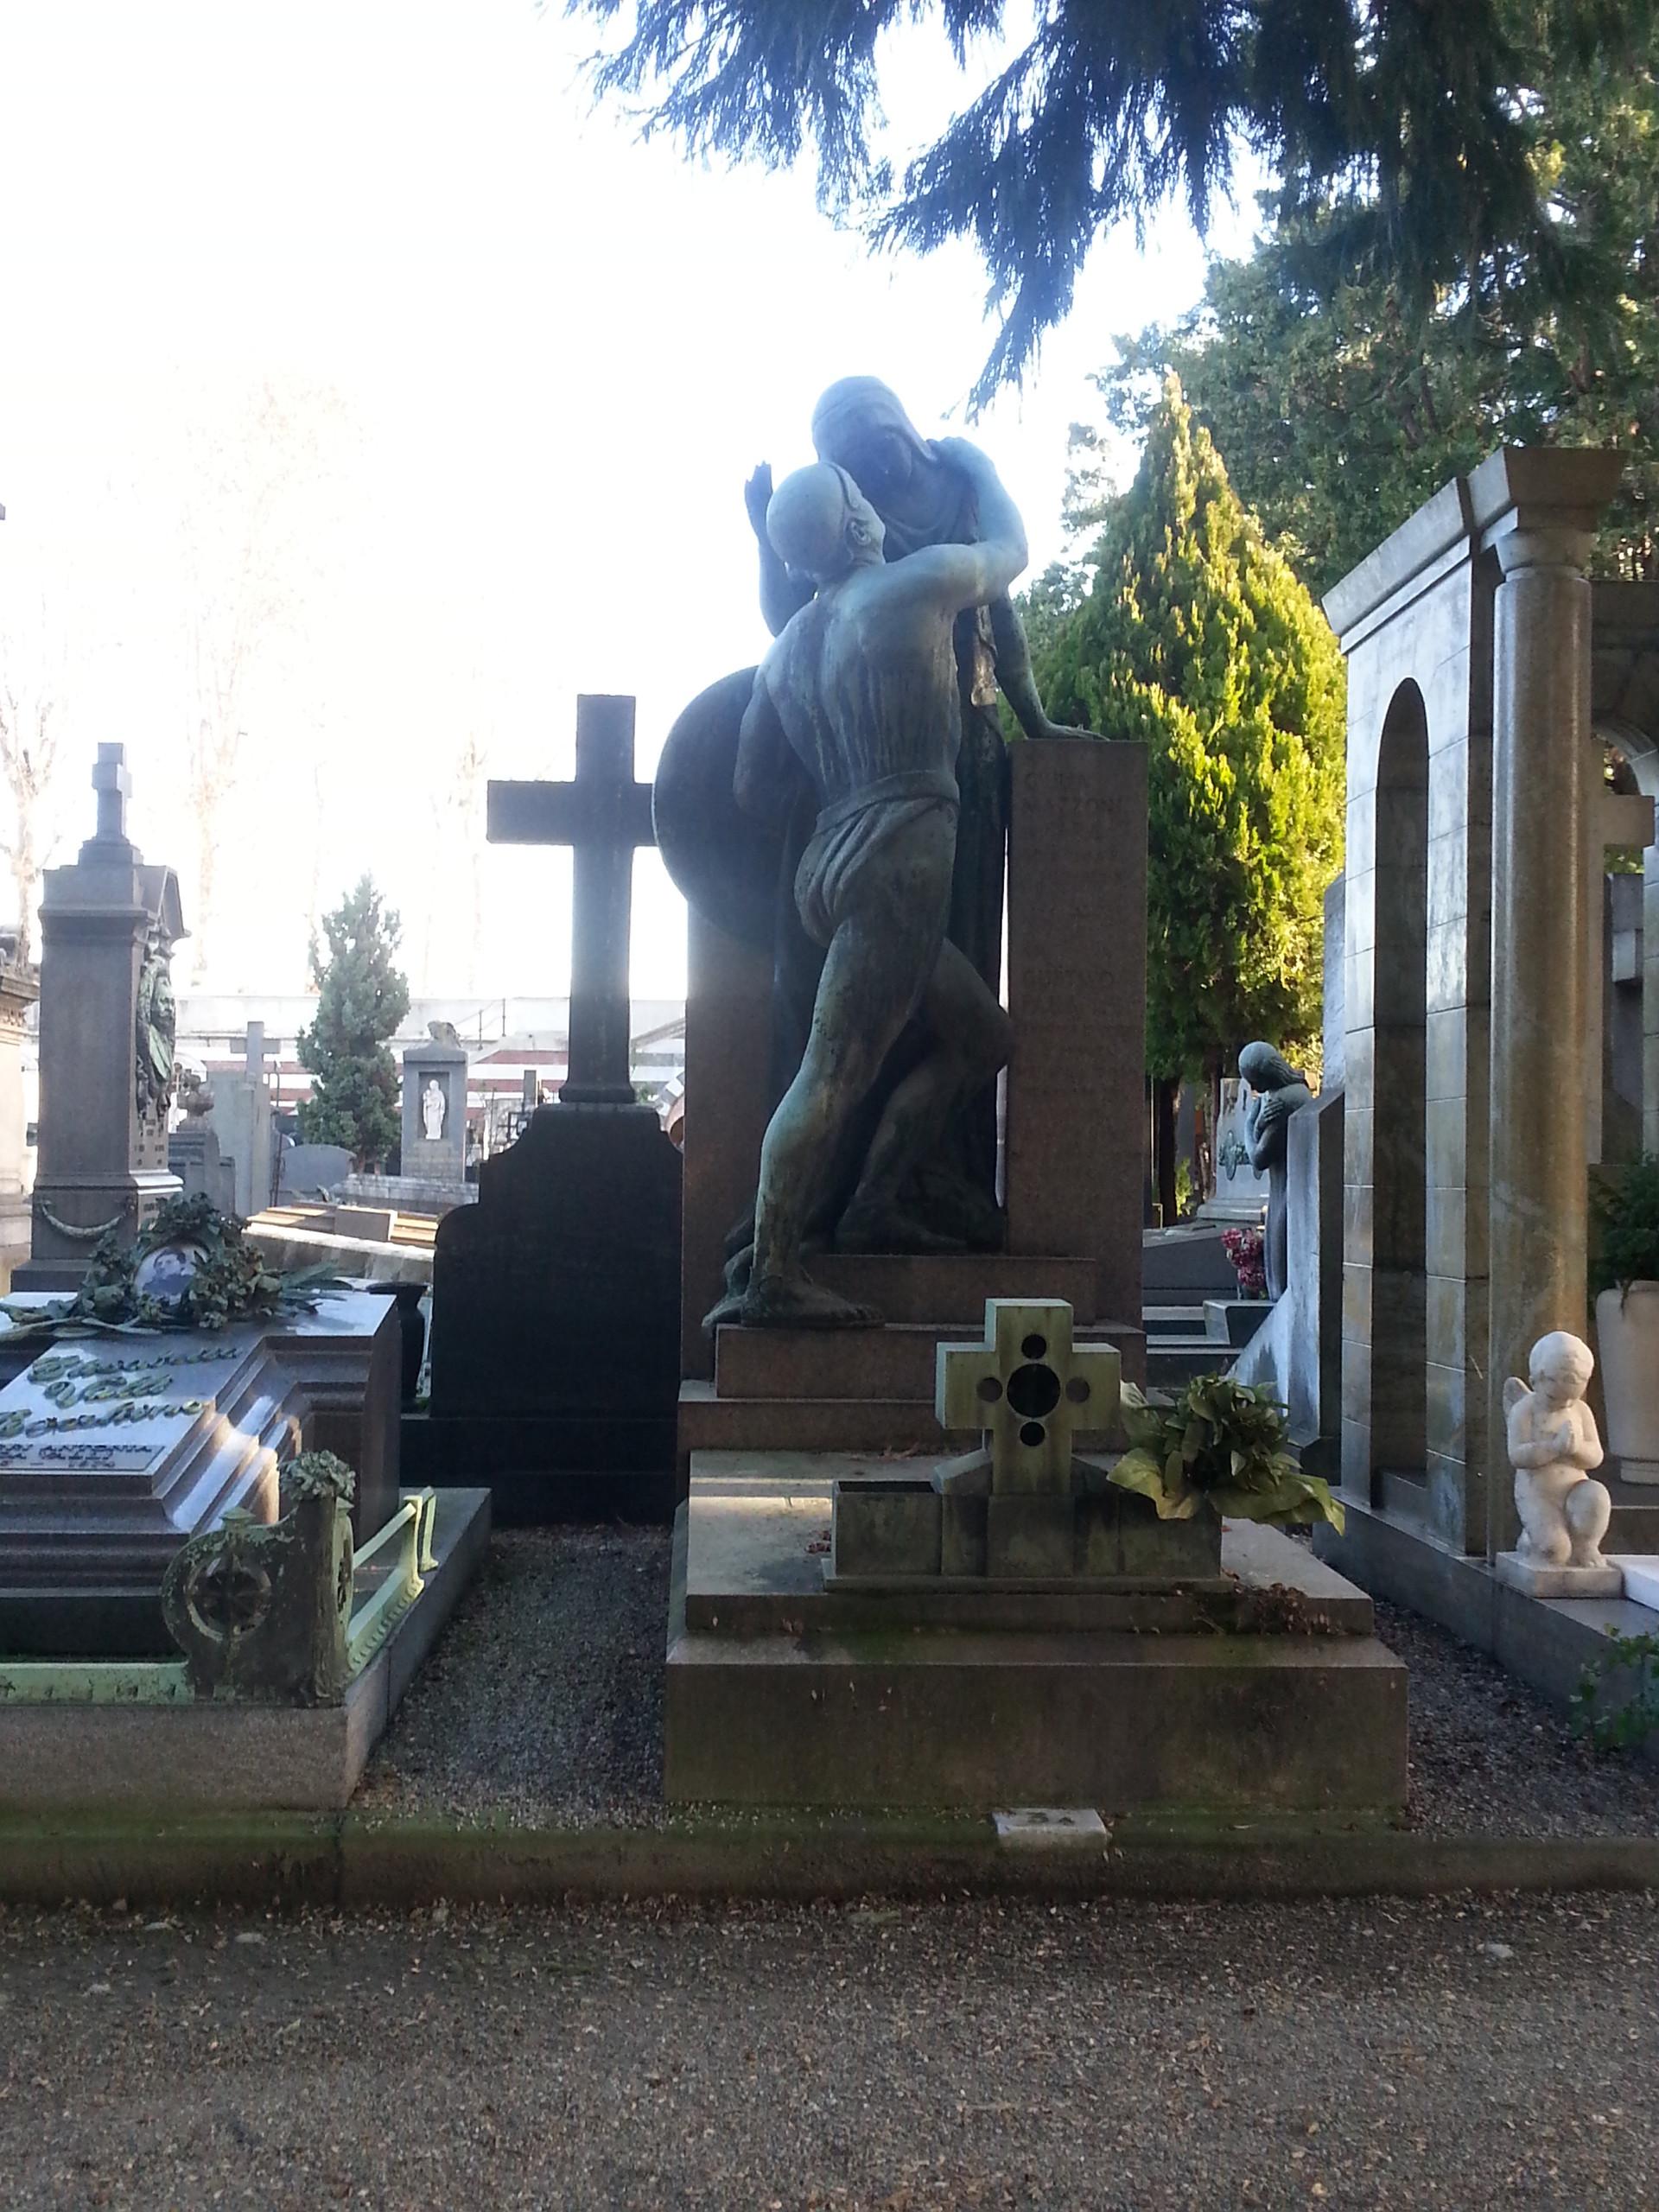 cementerio-monumental-cb419464f4e2aa0b73